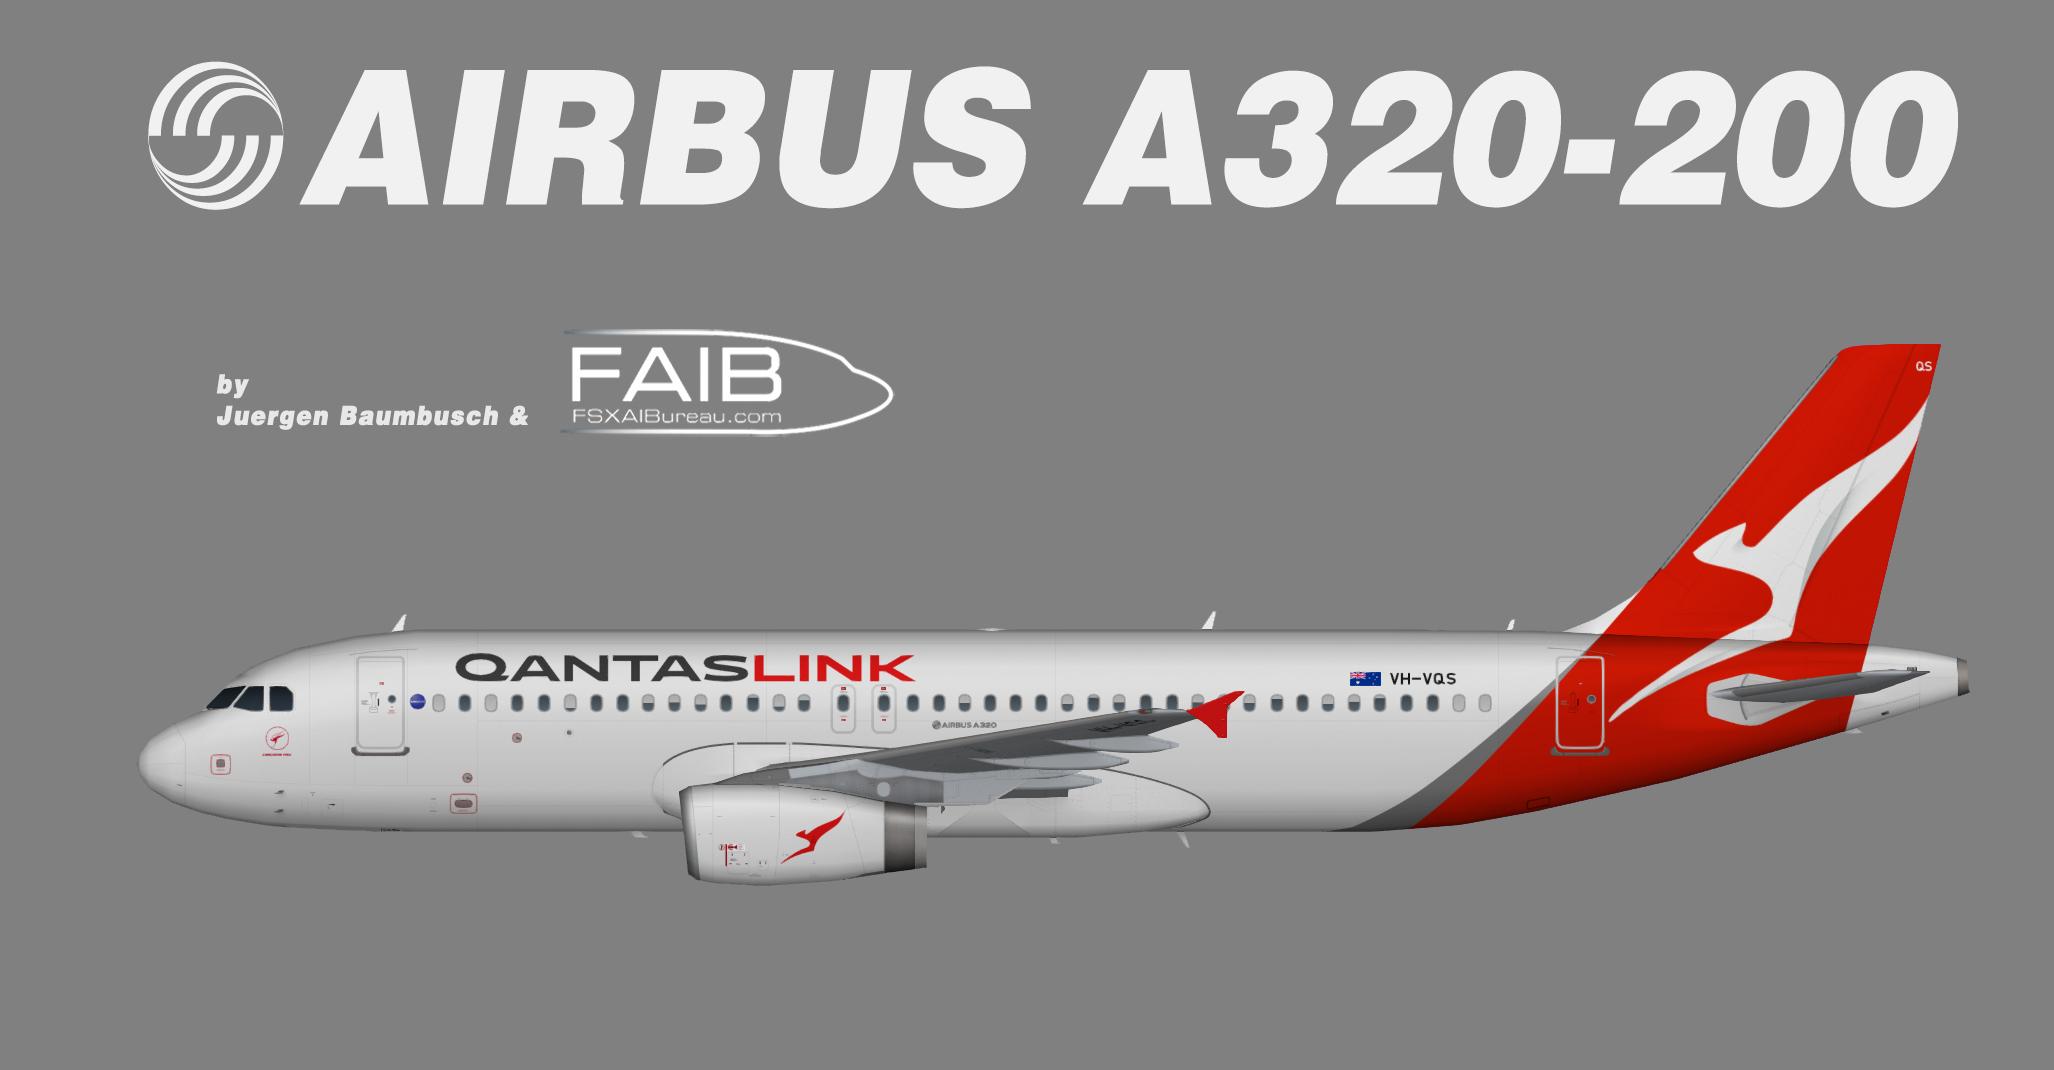 Qantaslink Airbus A320-200